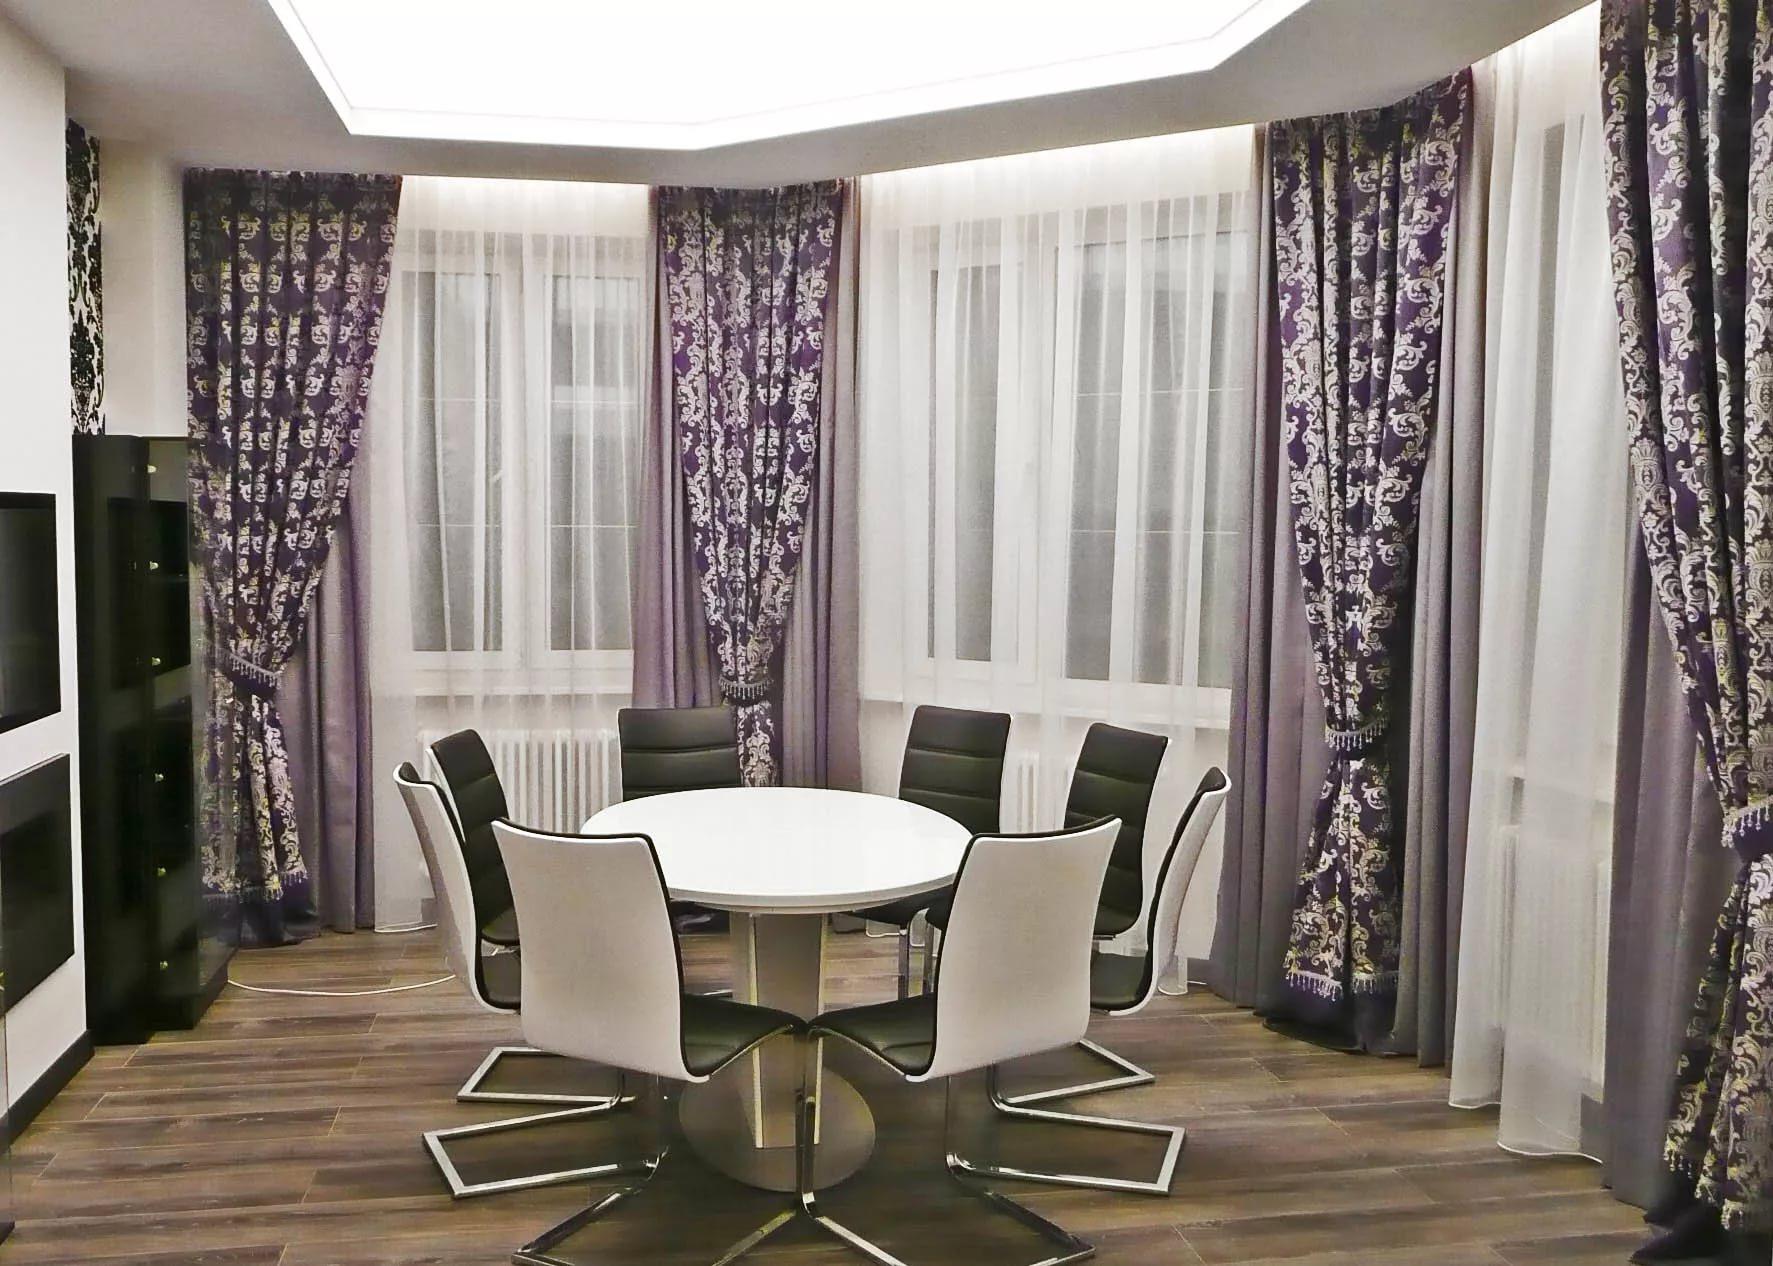 Рулонные шторы — применение в дизайне интерьера и идеи оформления с использованием штор рулонного типа (105 фото)